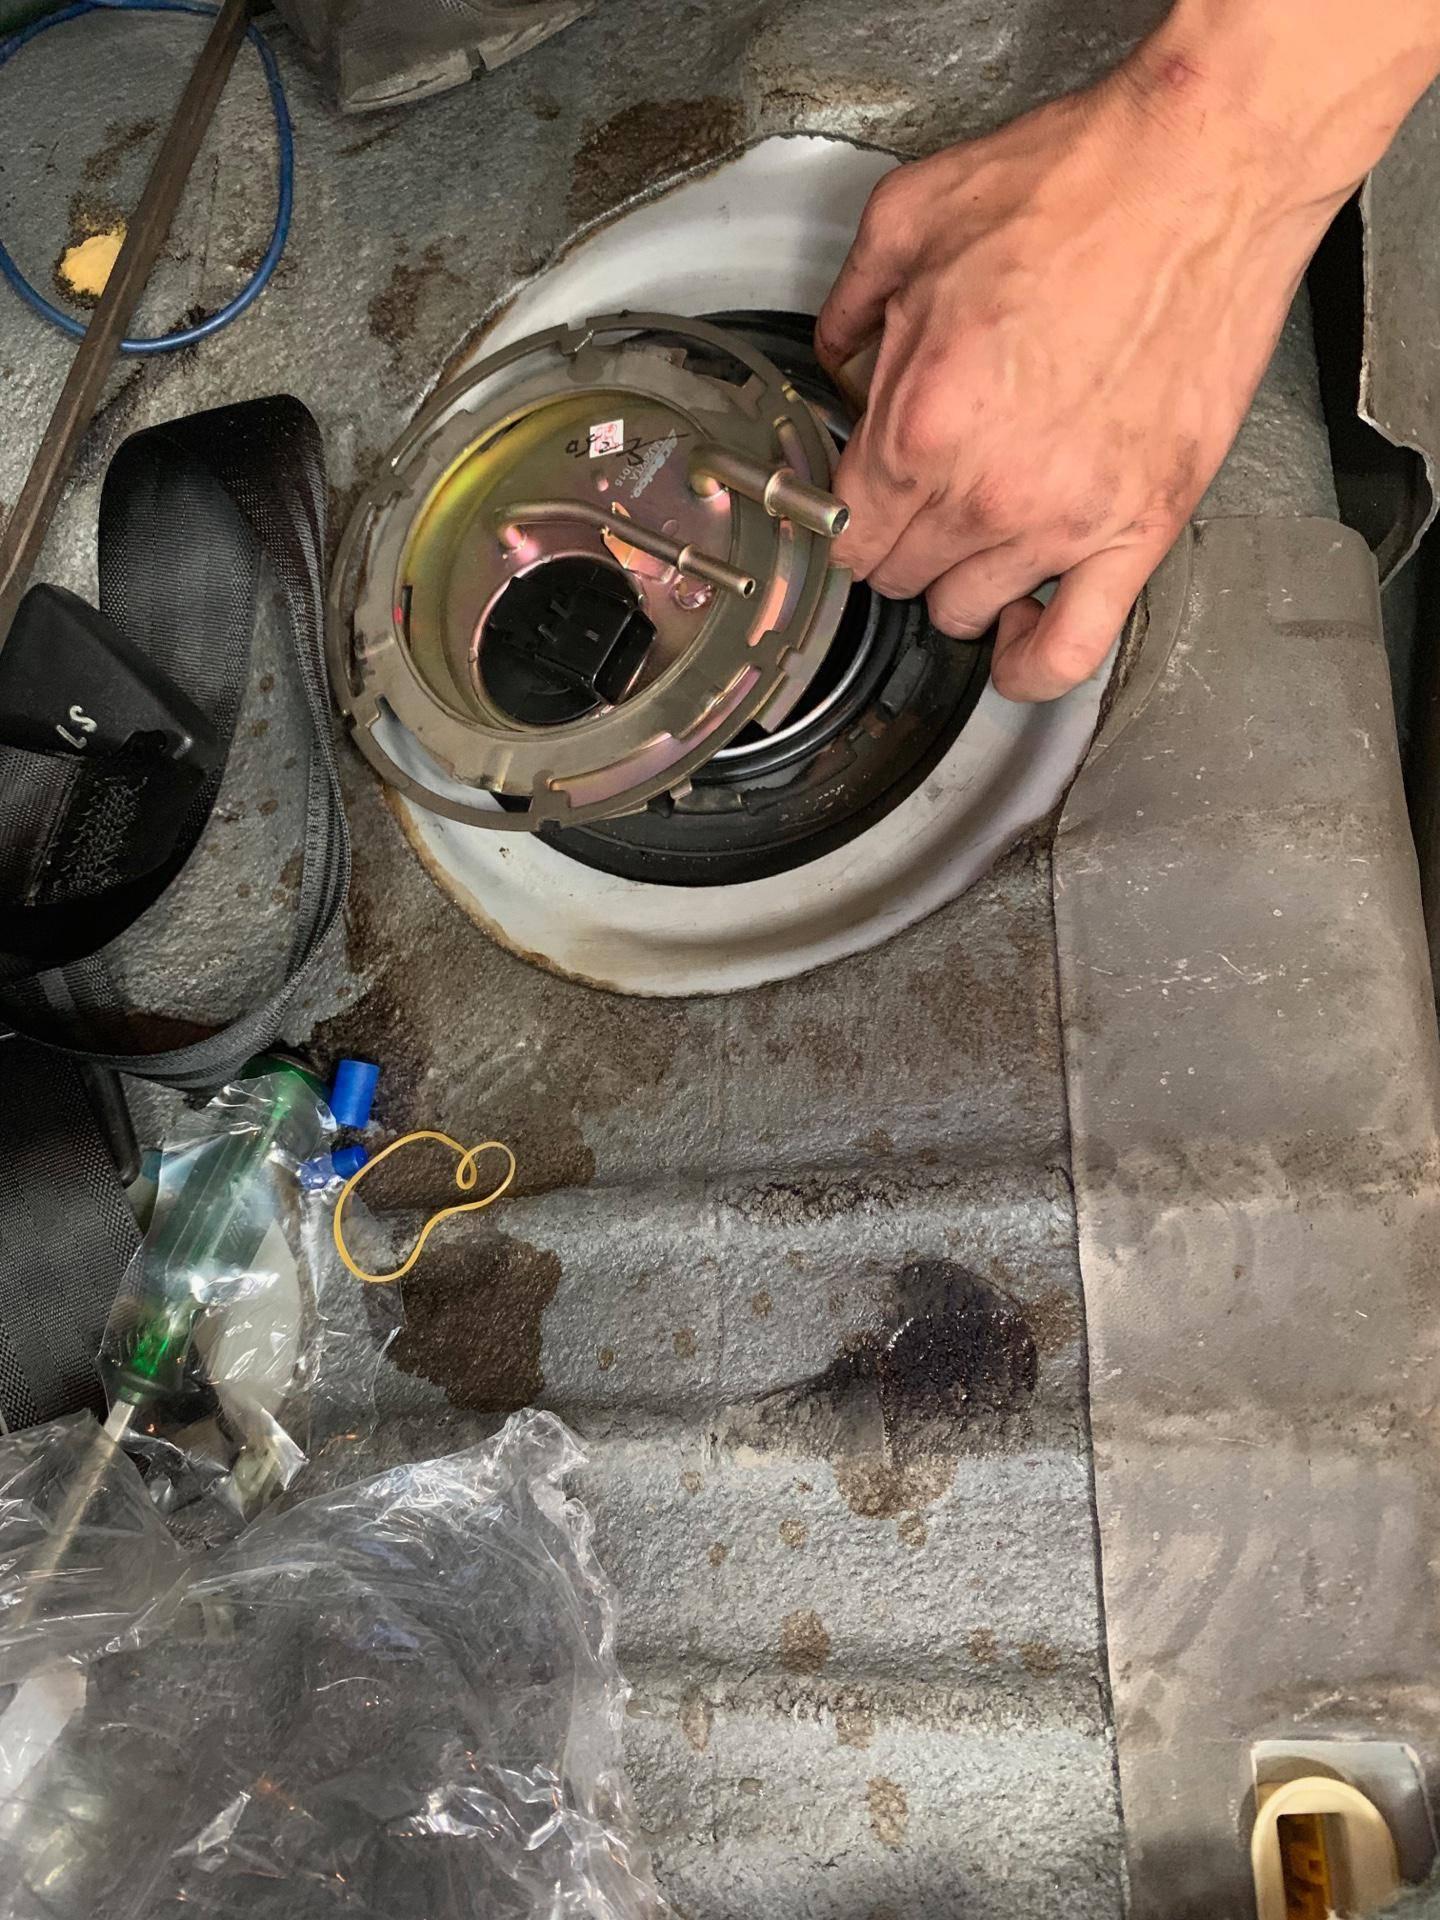 【振傑汽車】大宇/DAEWOO 不容易發動#車輛無法發動#汽油泵浦總成#汽油泵浦故障